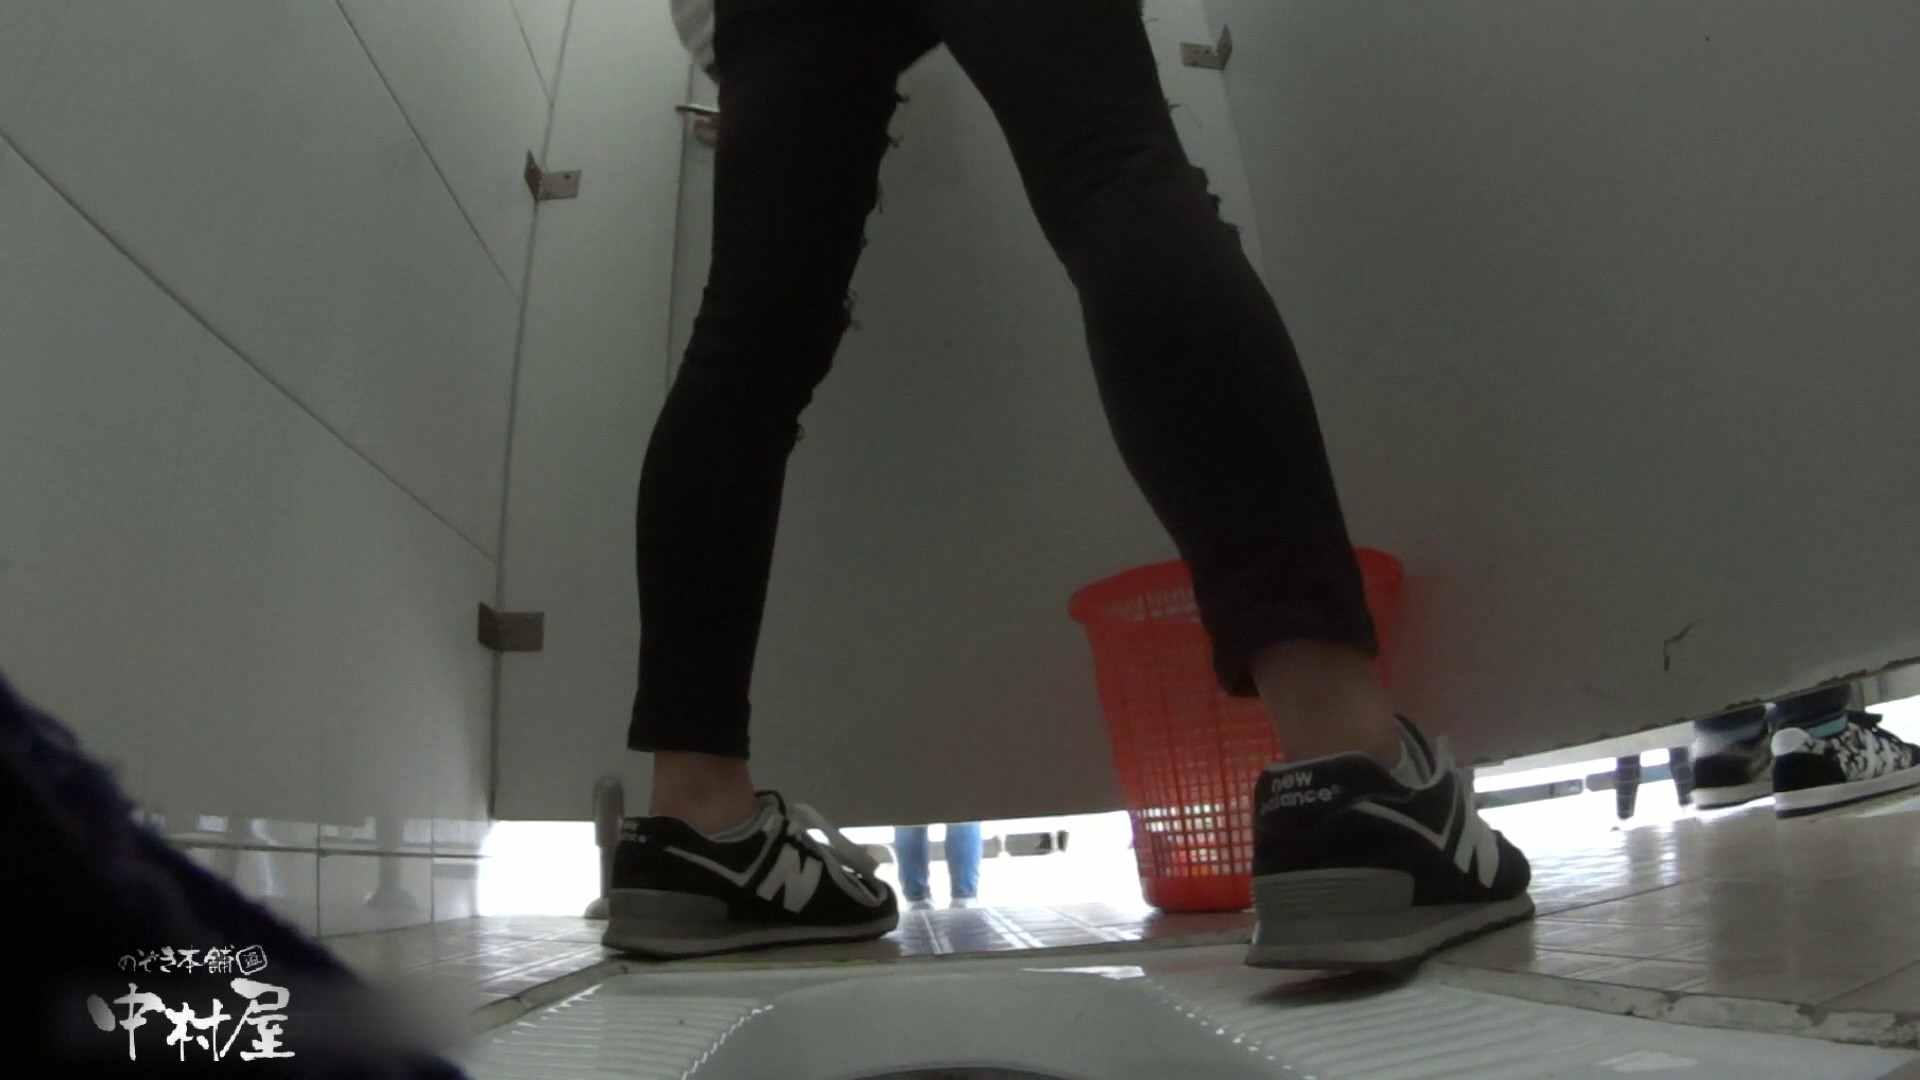 色気のある眼鏡さんの放nyo大学休憩時間の洗面所事情28 洗面所 | Hなお姉さん  78pic 49